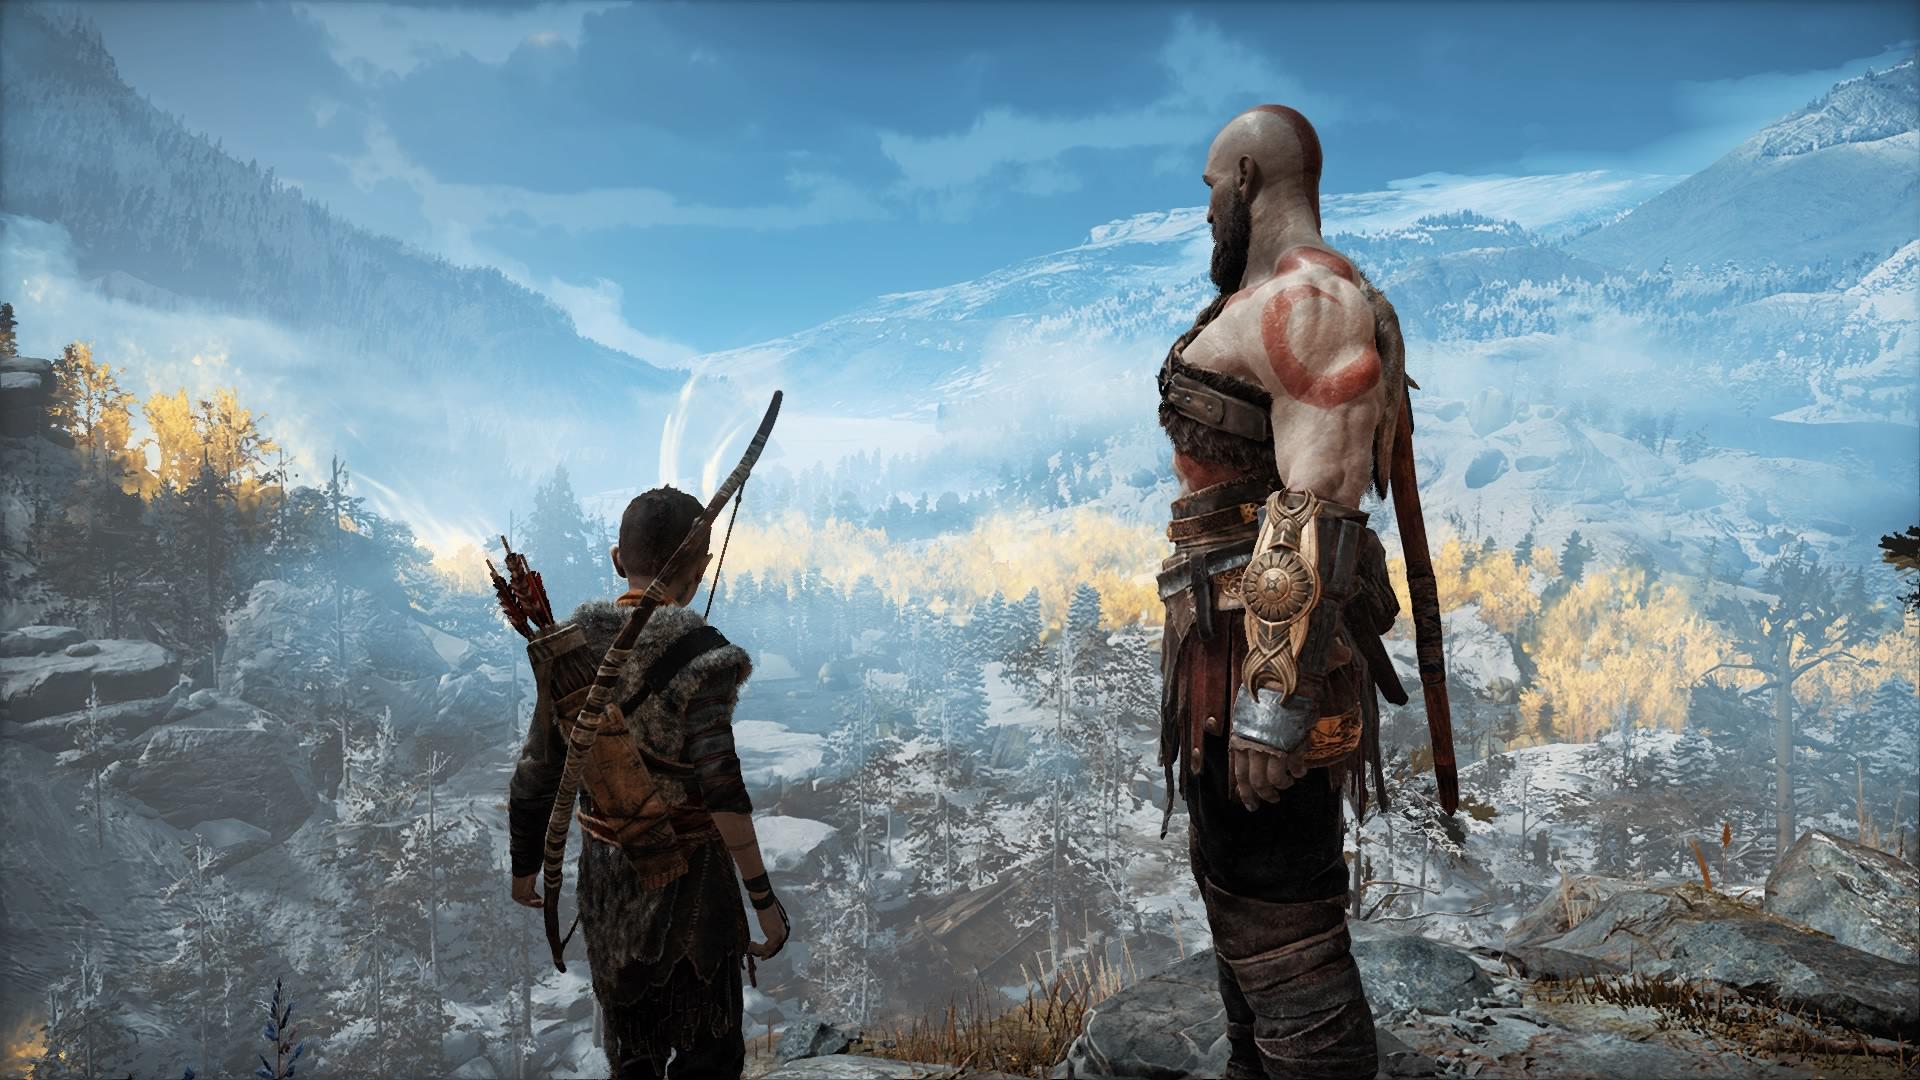 Wallpaper God Of War 2018 Kratos Atreus 1920x1080